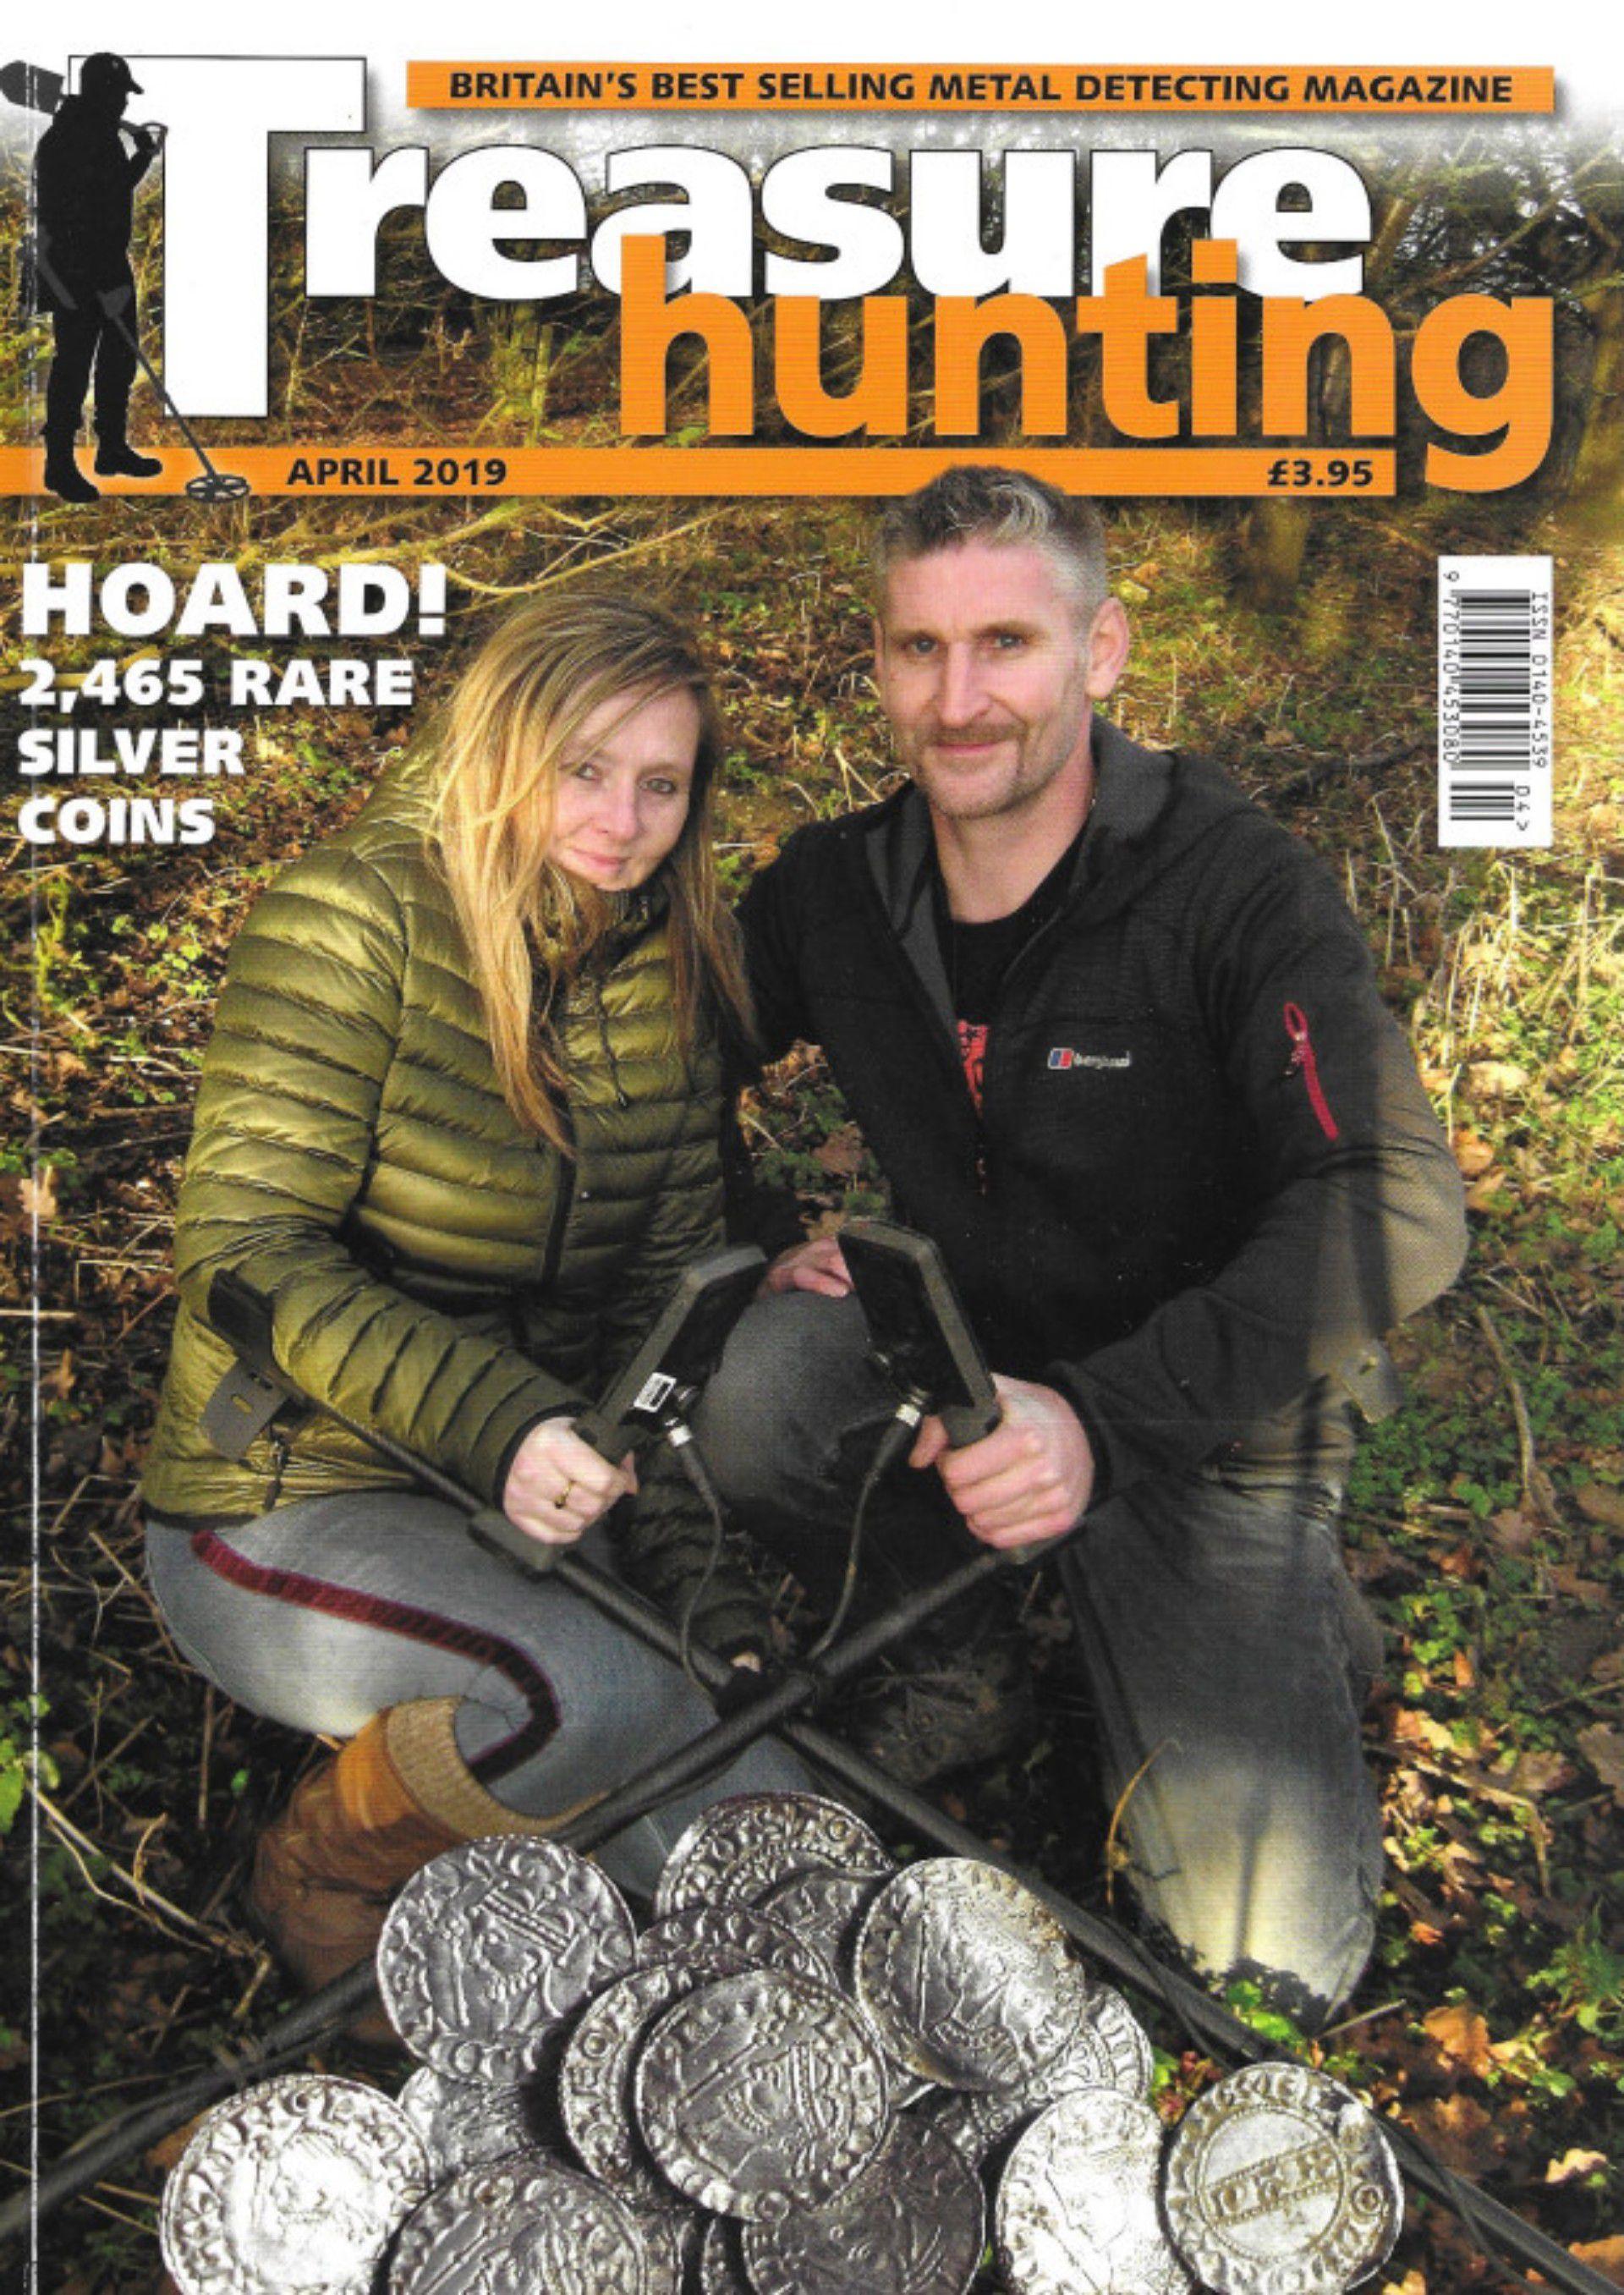 Lisa Grace y Adam Staples aparecieron en la portada de la revista Treasure Hunting (Foto: Especial)